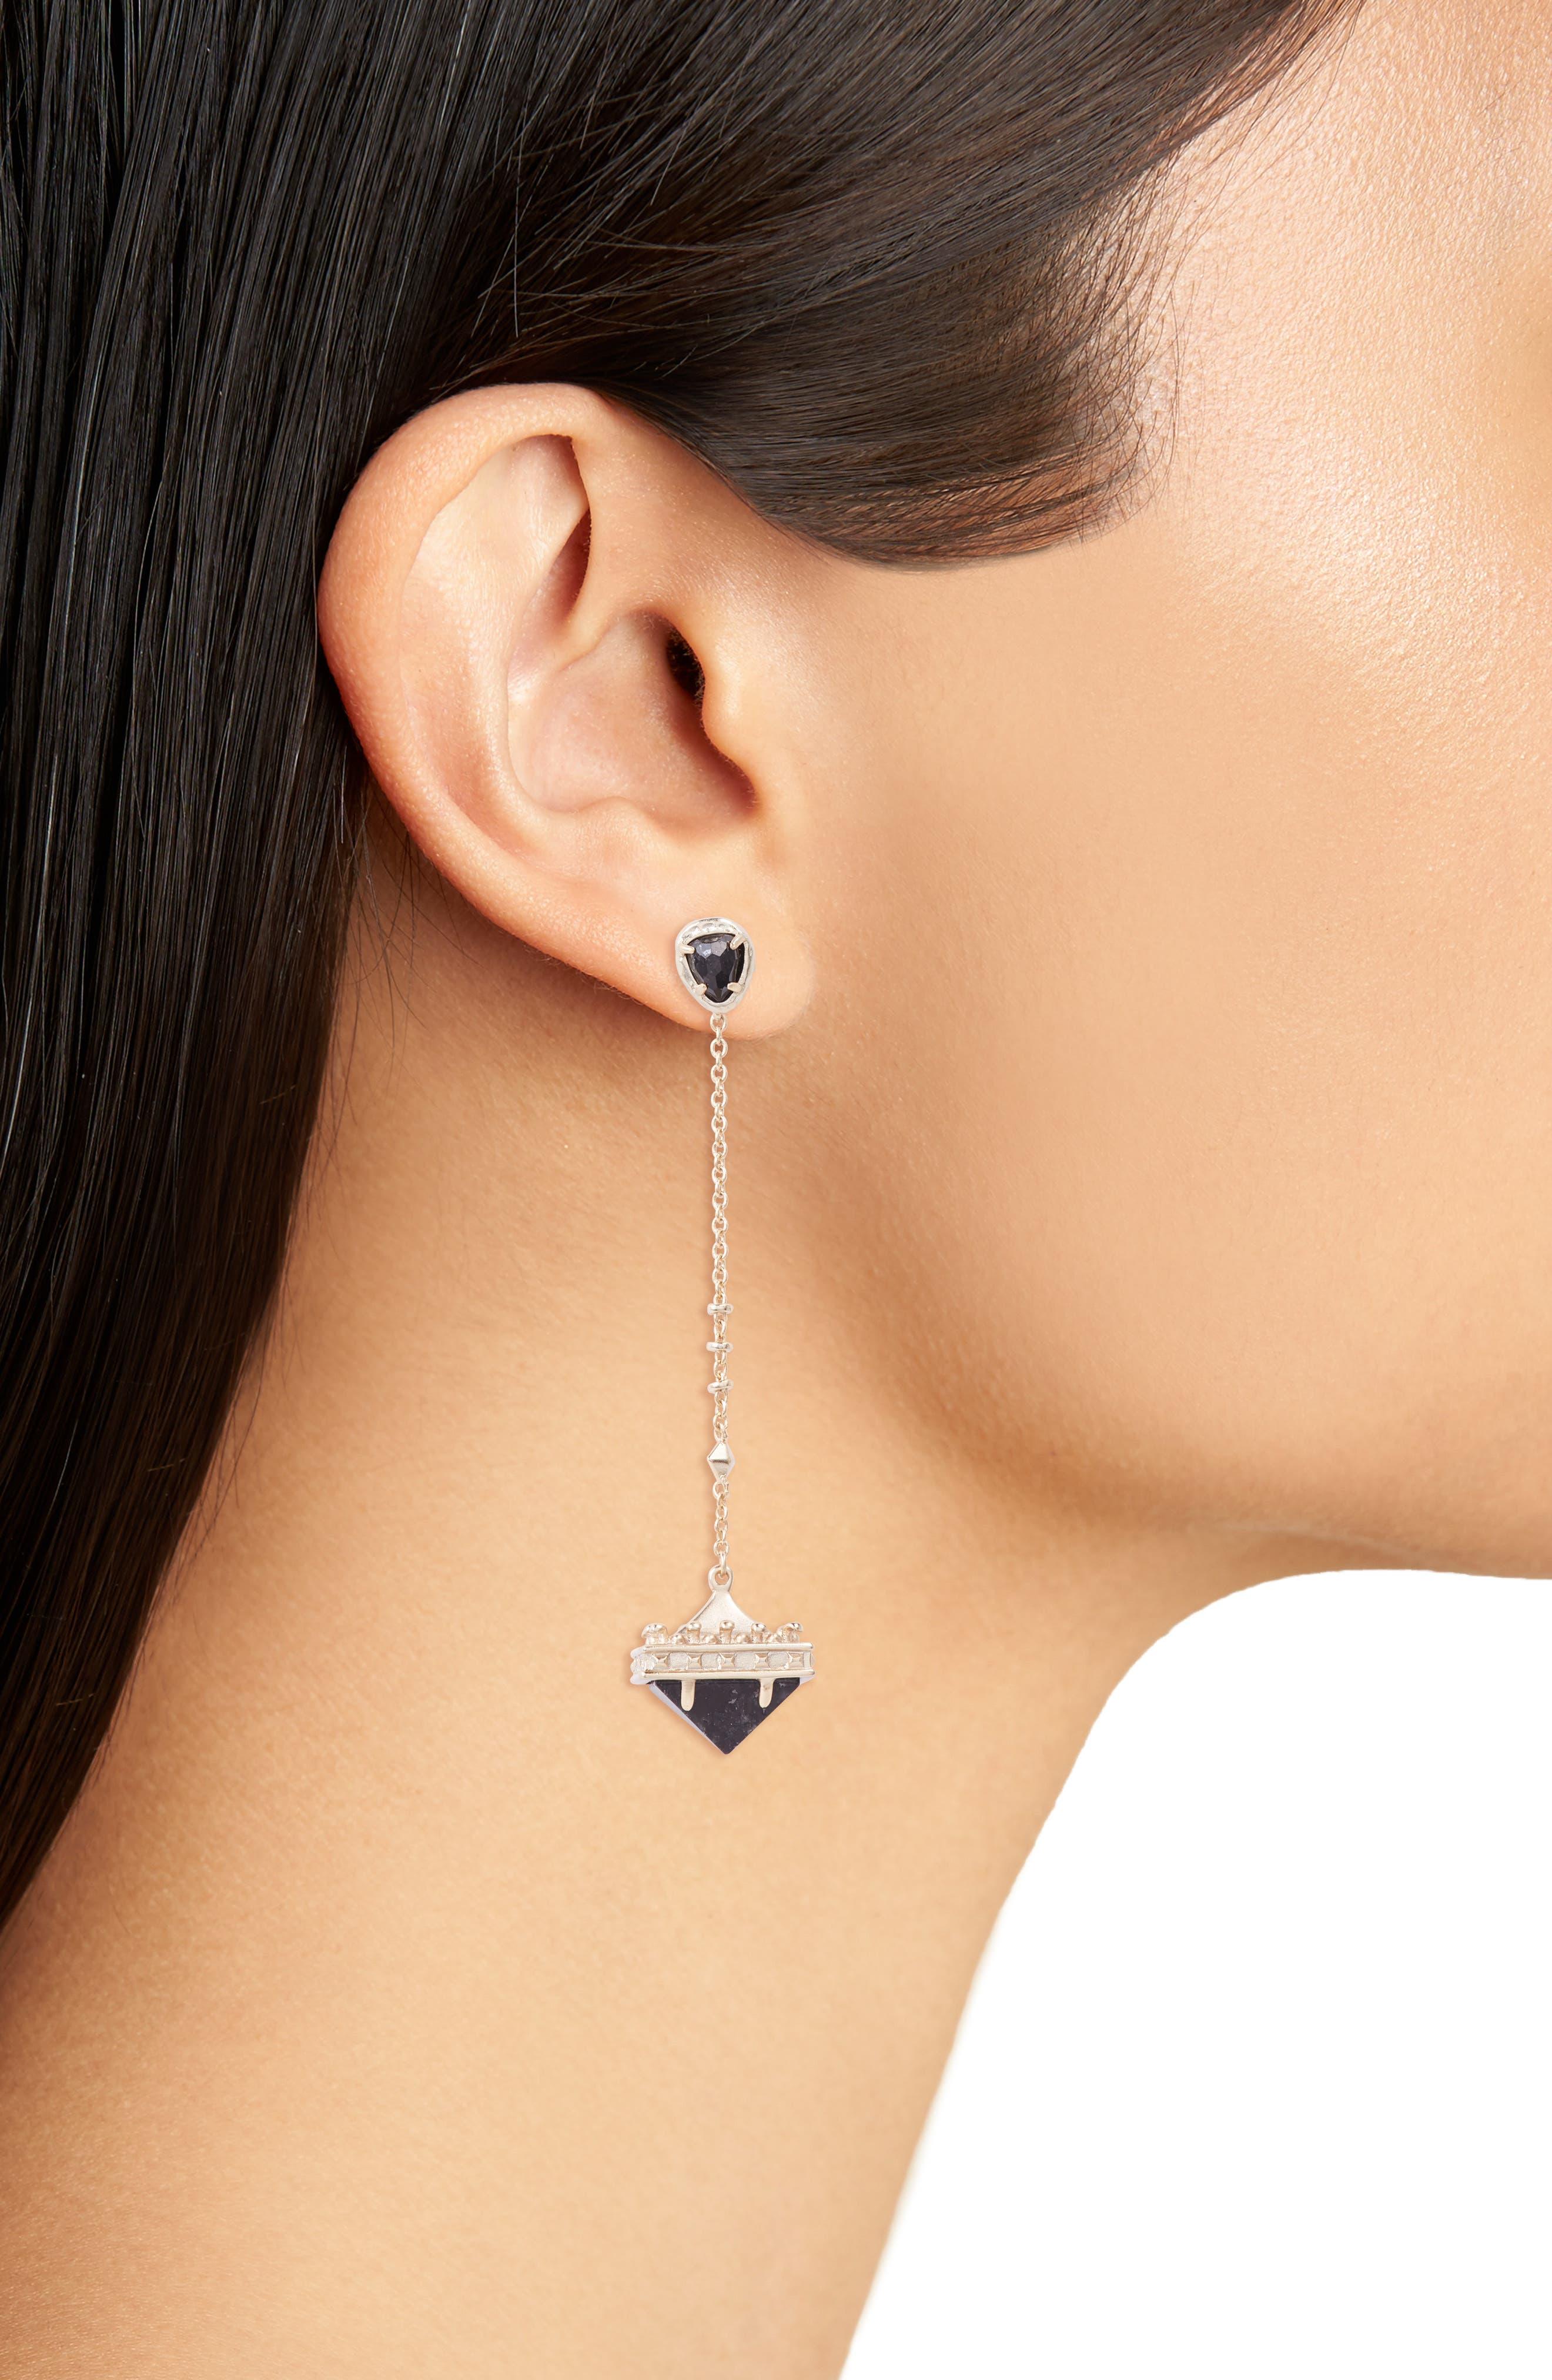 GiGi Linear Earrings,                             Alternate thumbnail 2, color,                             710